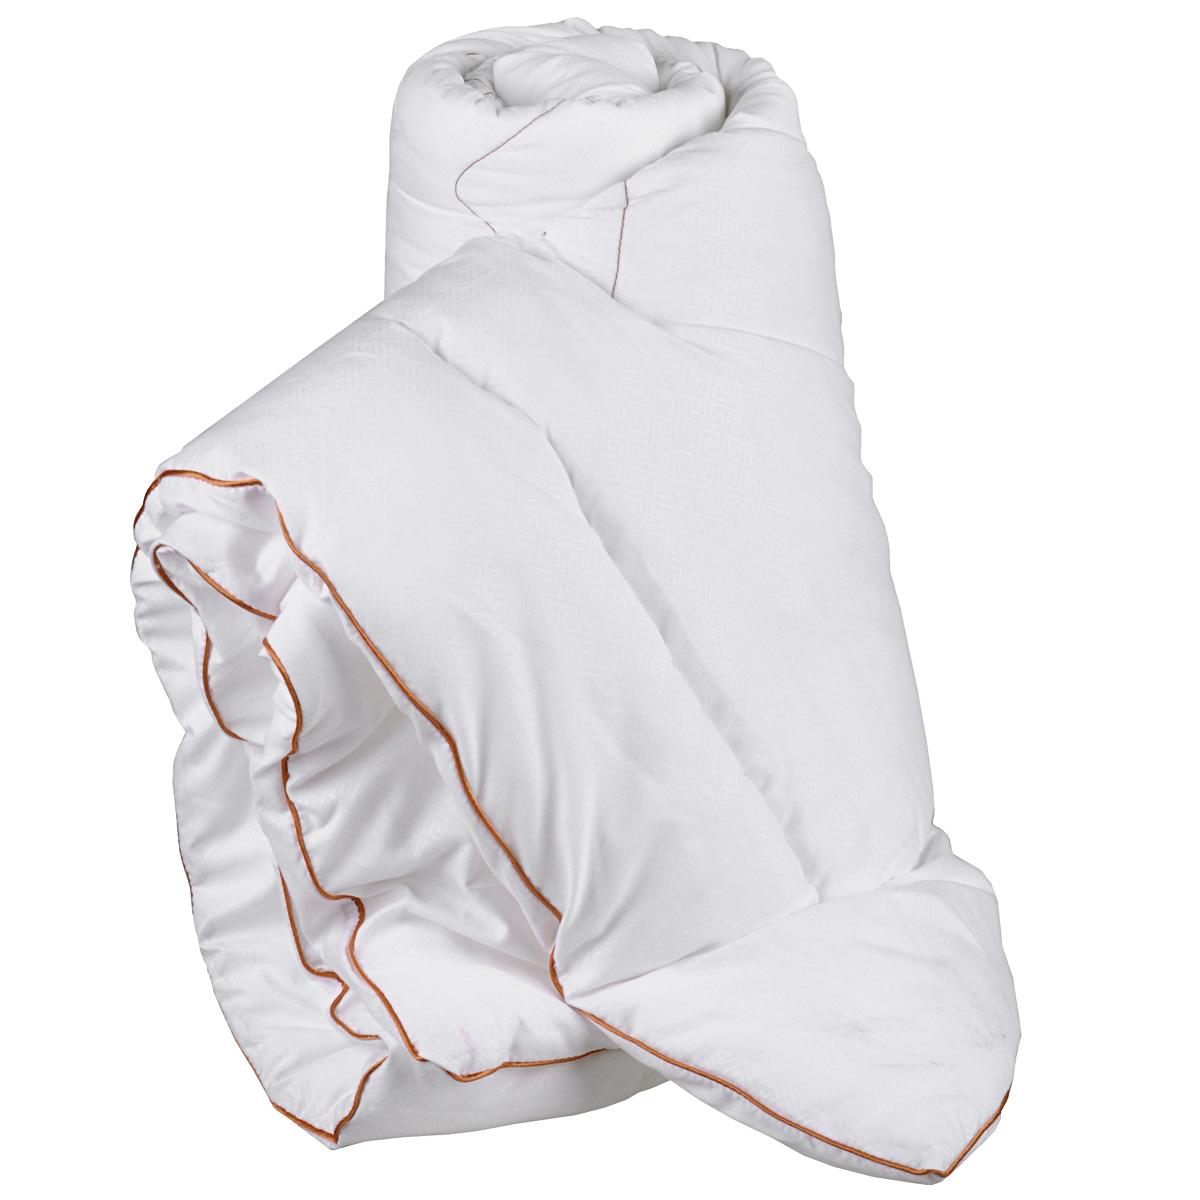 Одеяло Primavelle Afina, наполнитель: лебяжий пух, 172 см х 205 см122918101-29Одеяло Primavelle Afina - стильная и комфортная постельная принадлежность, которая подарит уют и позволит окунуться в здоровый и спокойный сон.Чехол одеяла выполнен из однотонной бархатистой ткани биософт с тисненым рисунком, украшен декоративной ниточной стежкой греческие узоры и атласным кантом шоколадного цвета. Чехол также имеет специальную обработку Peach-эффект, благодаря которой ткань становится нежной и приобретает бархатистую фактуру.Внутри - наполнитель из искусственного лебяжьего пуха, который является аналогом натурального пуха и представляет собой сверхтонкое волокно нового поколения. Благодаря этому одеяло очень мягкое и легкое, не накапливает пыль и запахи. Важным преимуществом является гипоаллергенность наполнителя, поэтому одеяло отлично подходит как взрослым, так и детям. Легкое и объемное, оно имеет среднюю степень теплоты и отличную терморегуляцию: под ним будет тепло зимой и не жарко летом.Одеяло просто в уходе, подходит для машинной стирки, быстро сохнет, отличается износостойкостью и практичностью.Окунитесь в мир Древней Эллады вместе с одеялом Afina.Материал чехла: биософт (100% полиэстер).Наполнитель: лебяжий пух (100% полиэстер). Степень теплоты: 3.Размер: 172 см х 205 см.